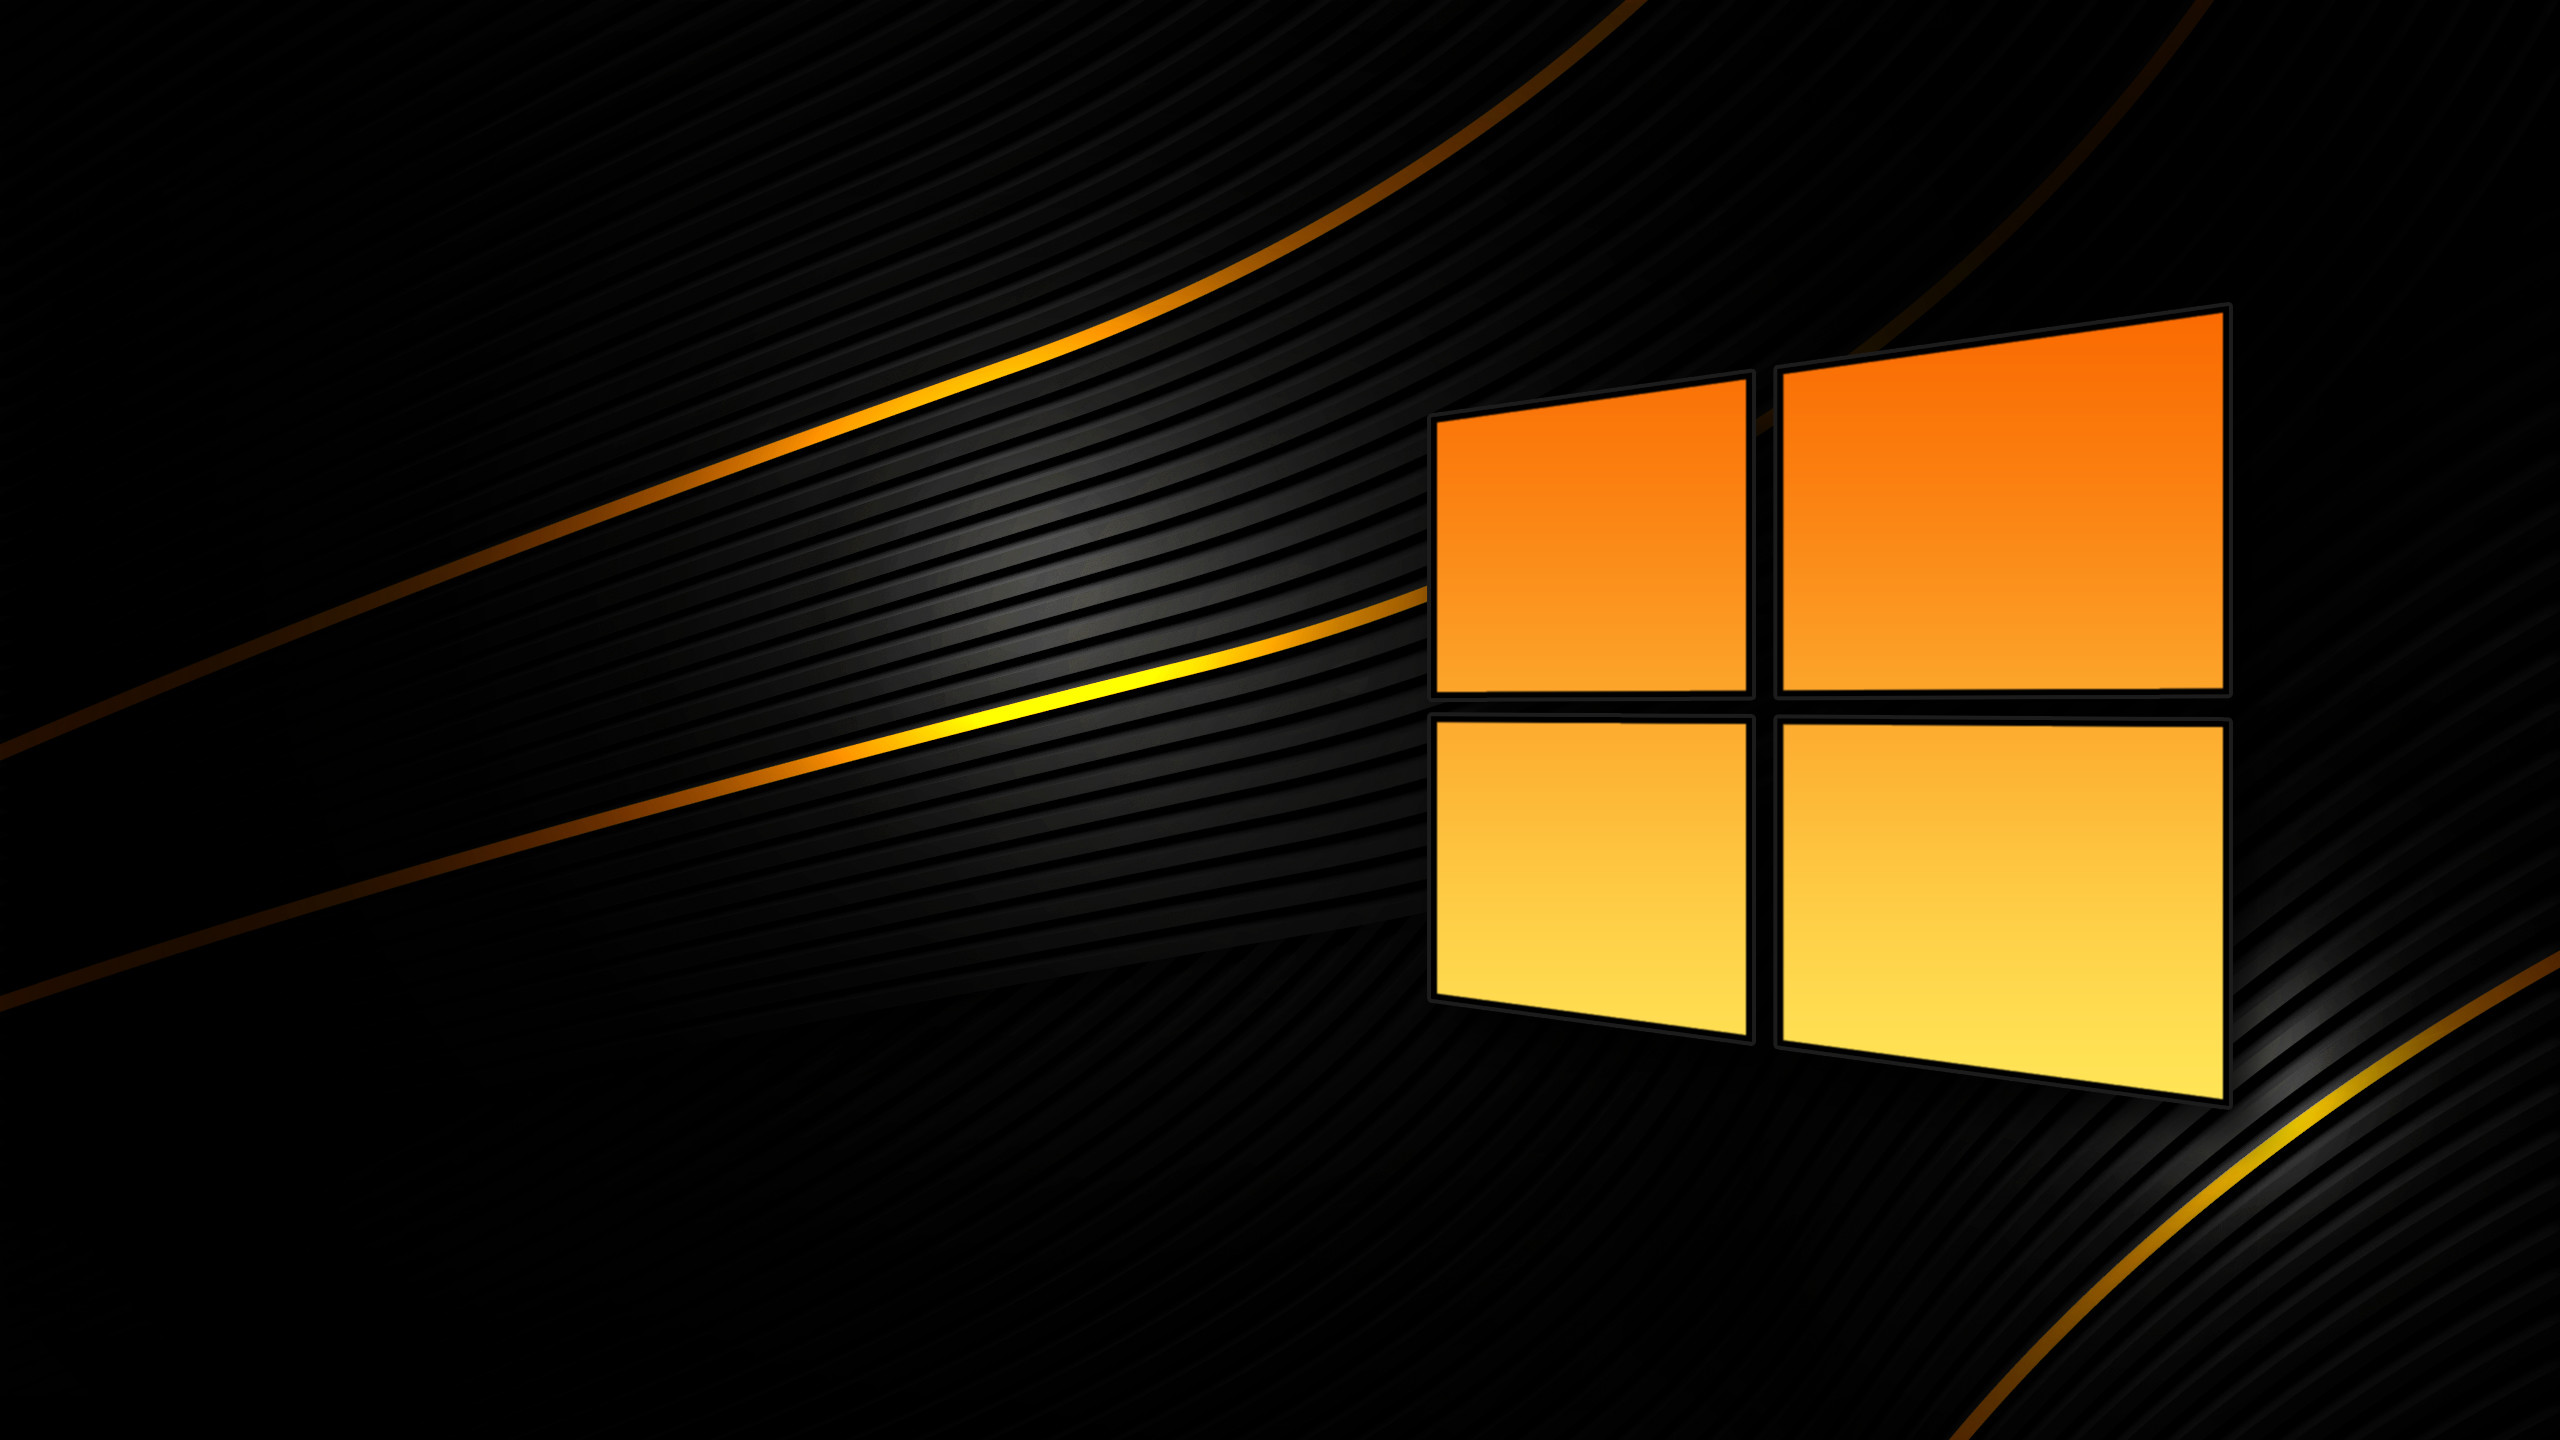 Windows-Lockscreen-afari-wallpaper-wp64010958